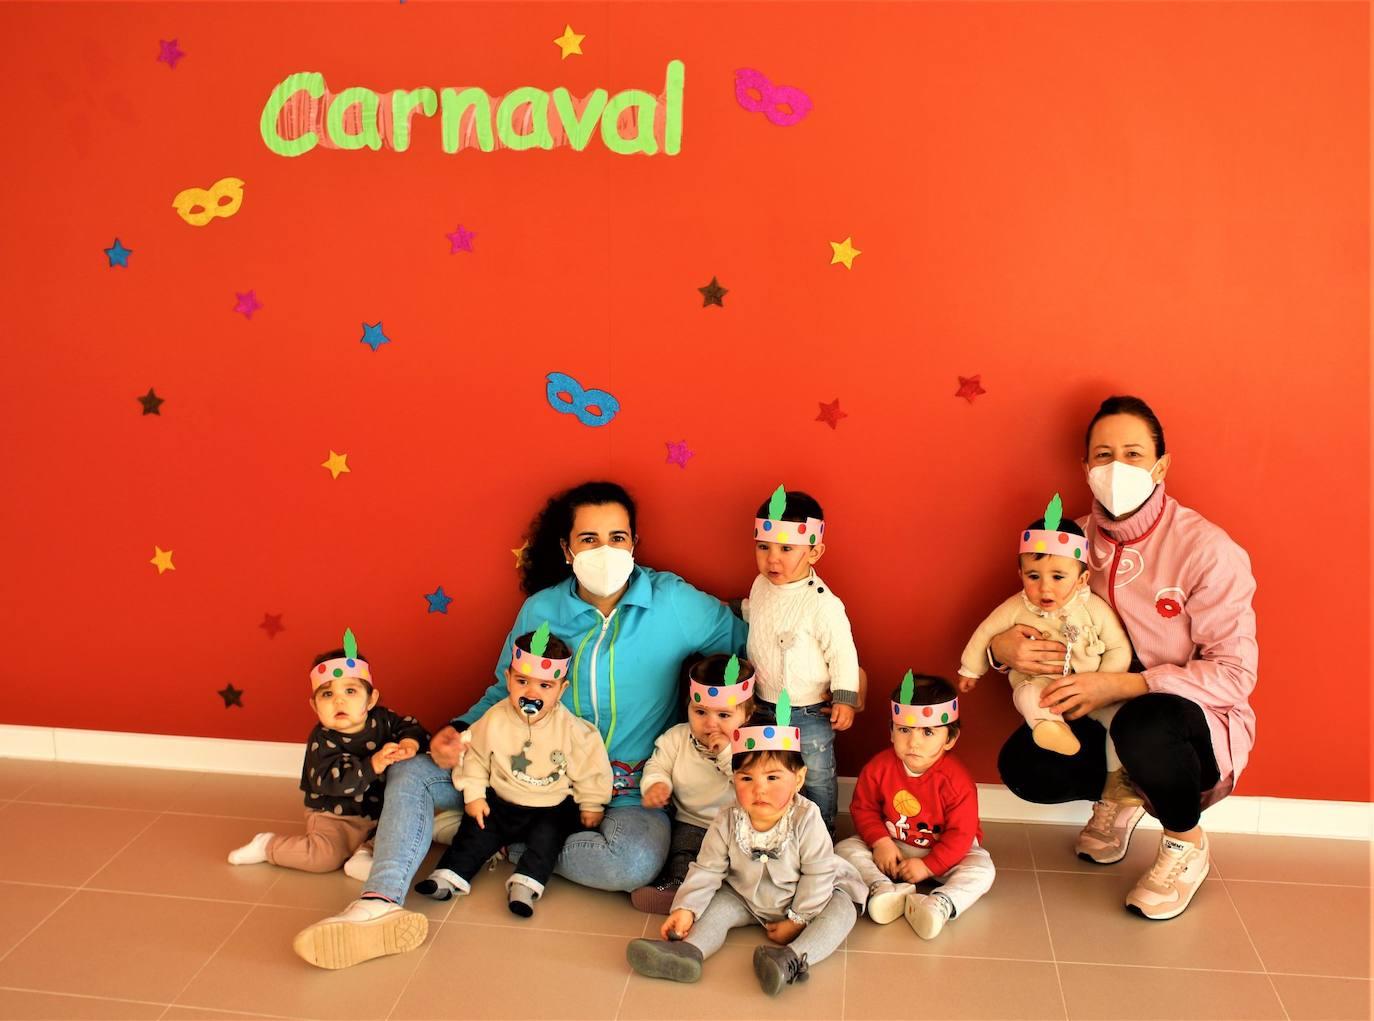 El carnaval en los centros escolares